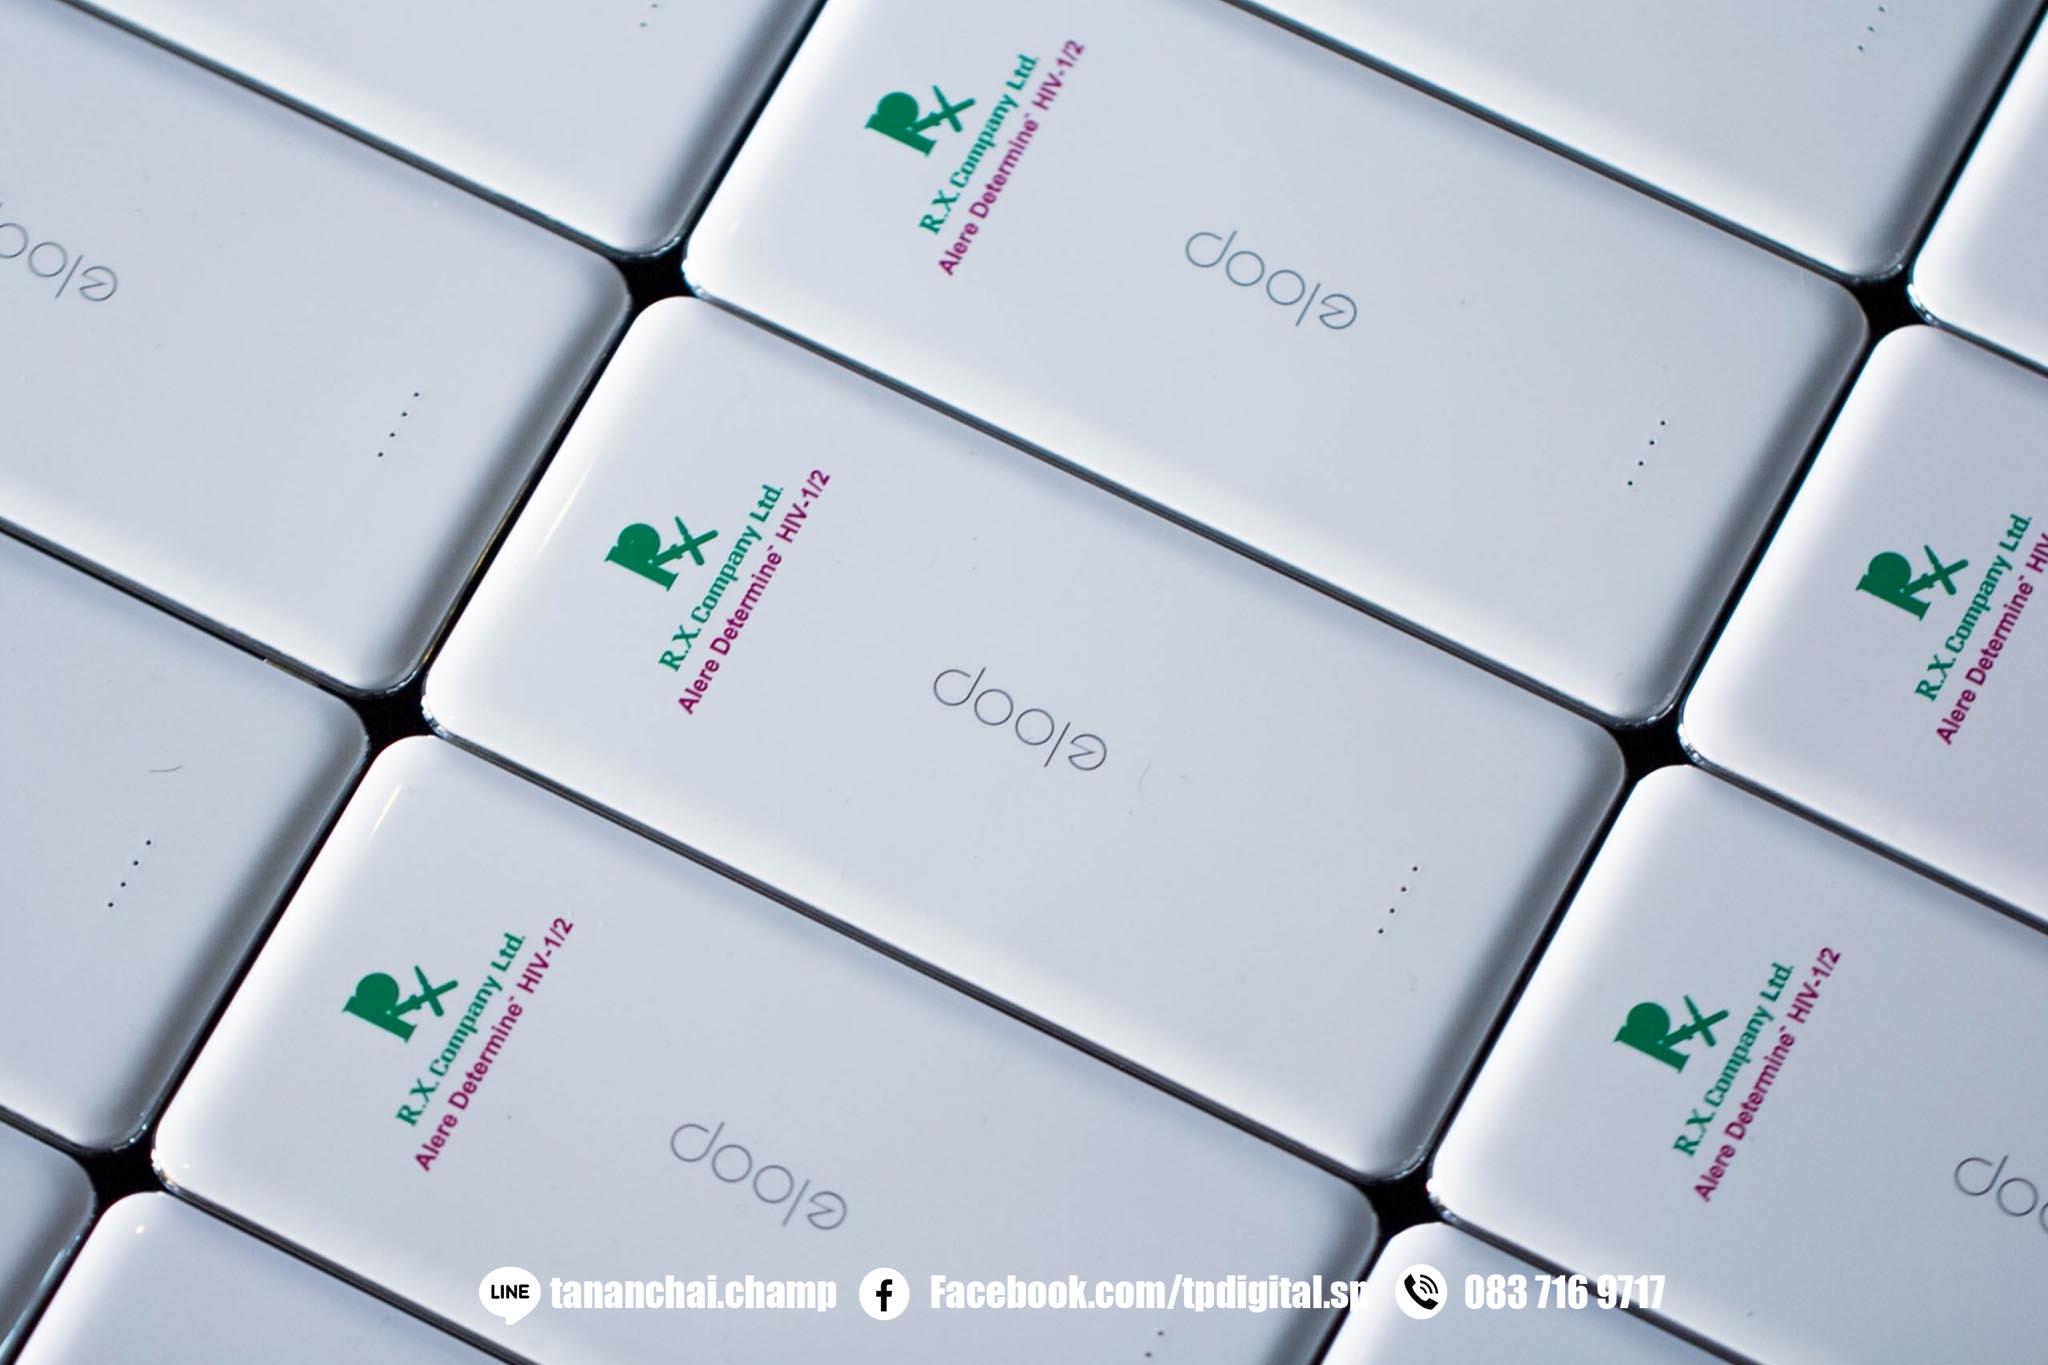 สกรีนโลโก้ลงบน powerbank ลาย R.X. Company Ltd. เนื้อวัสดุเป็นพลาสติกสีขาว